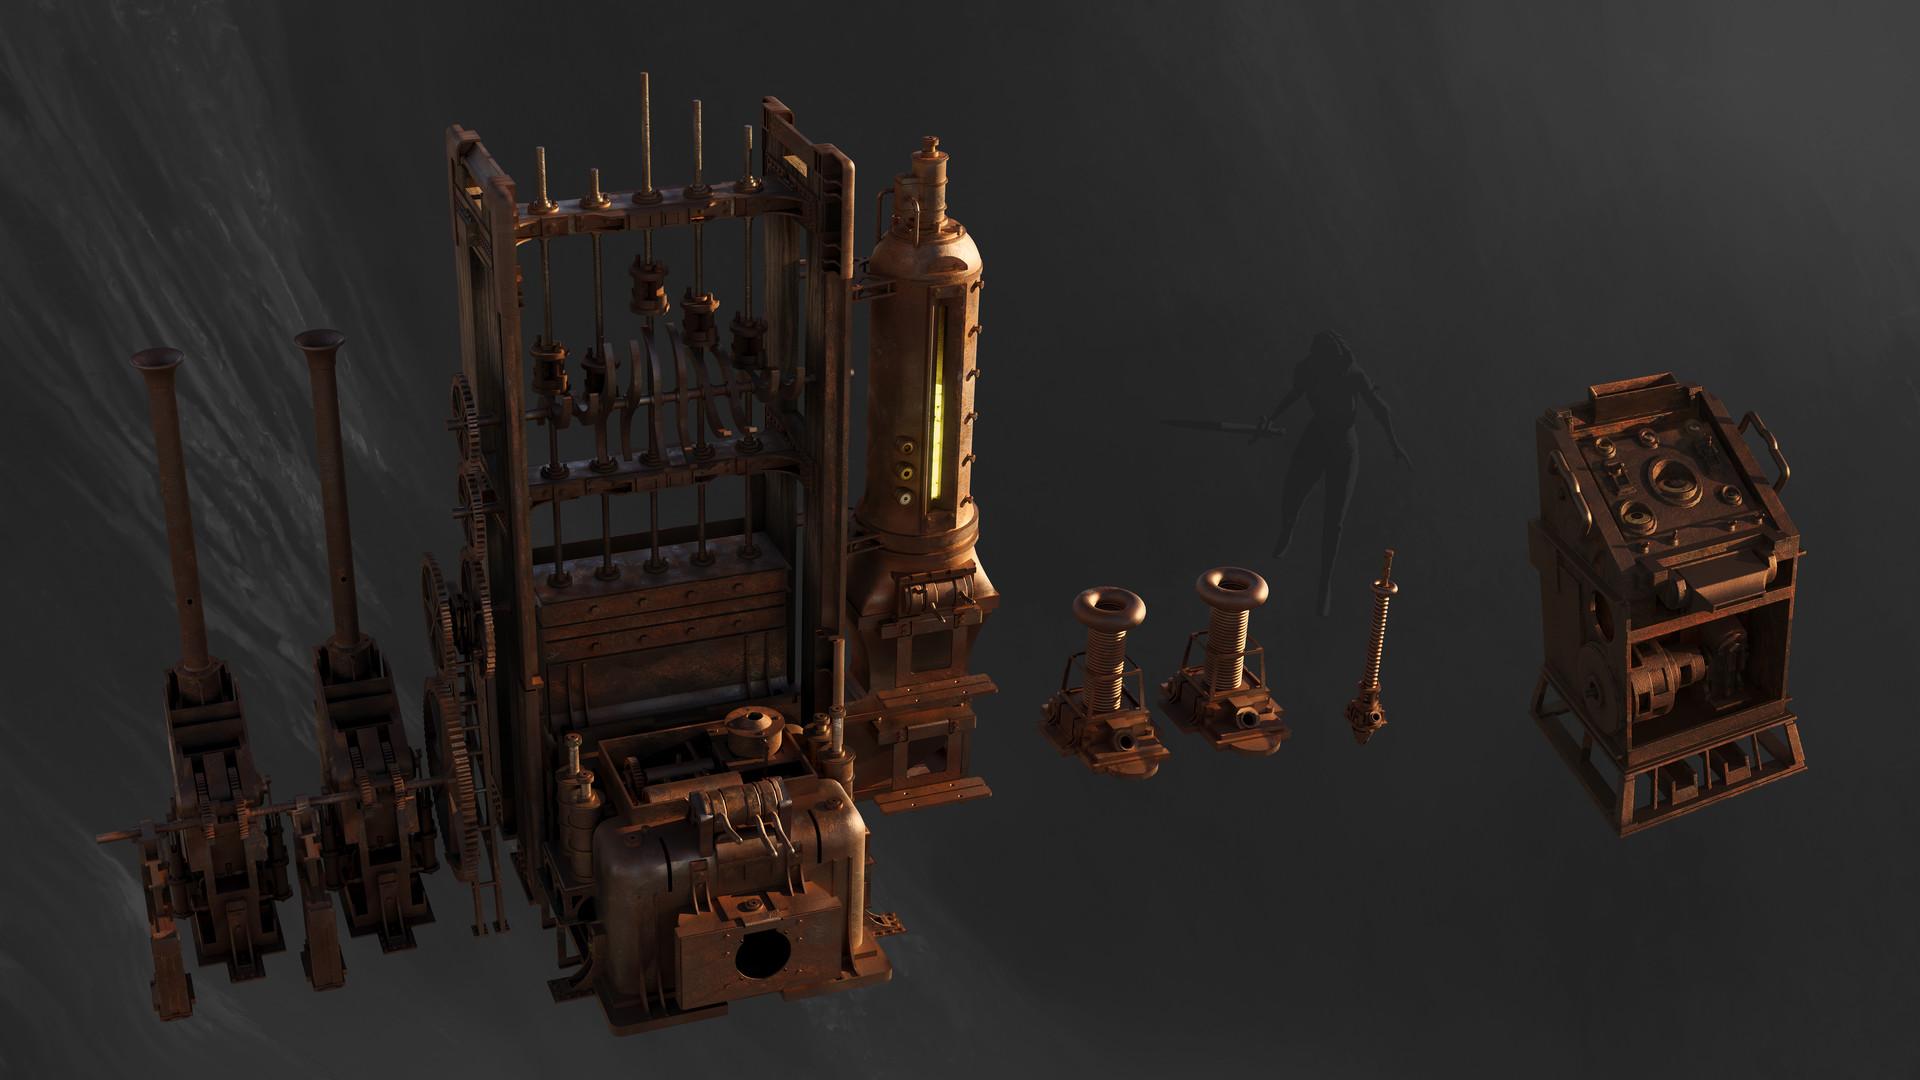 Chander lieve machines